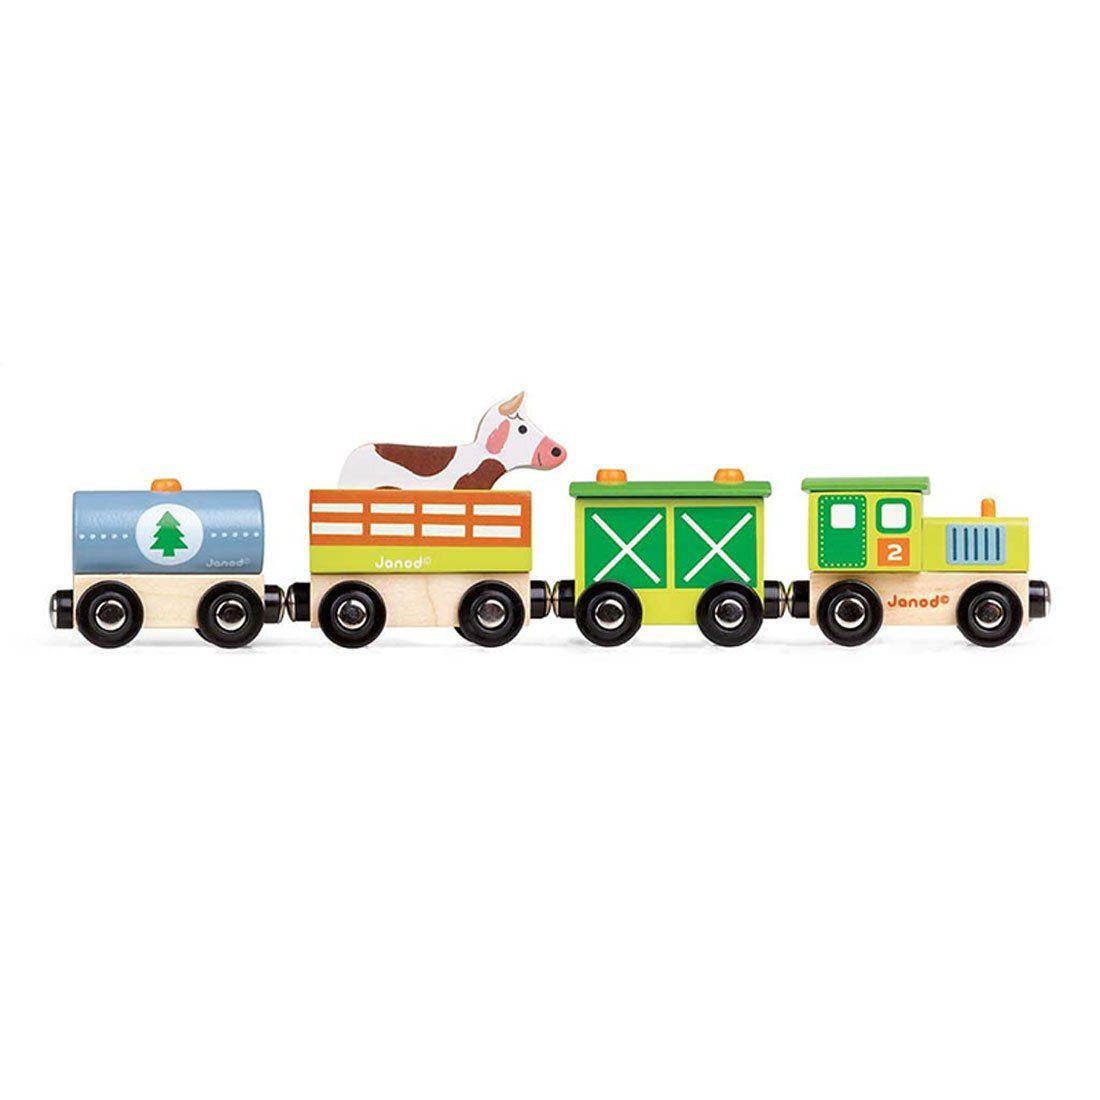 Trenino in legno fattoria di janod un bel regalo per bambini - Trenino di legno ikea ...